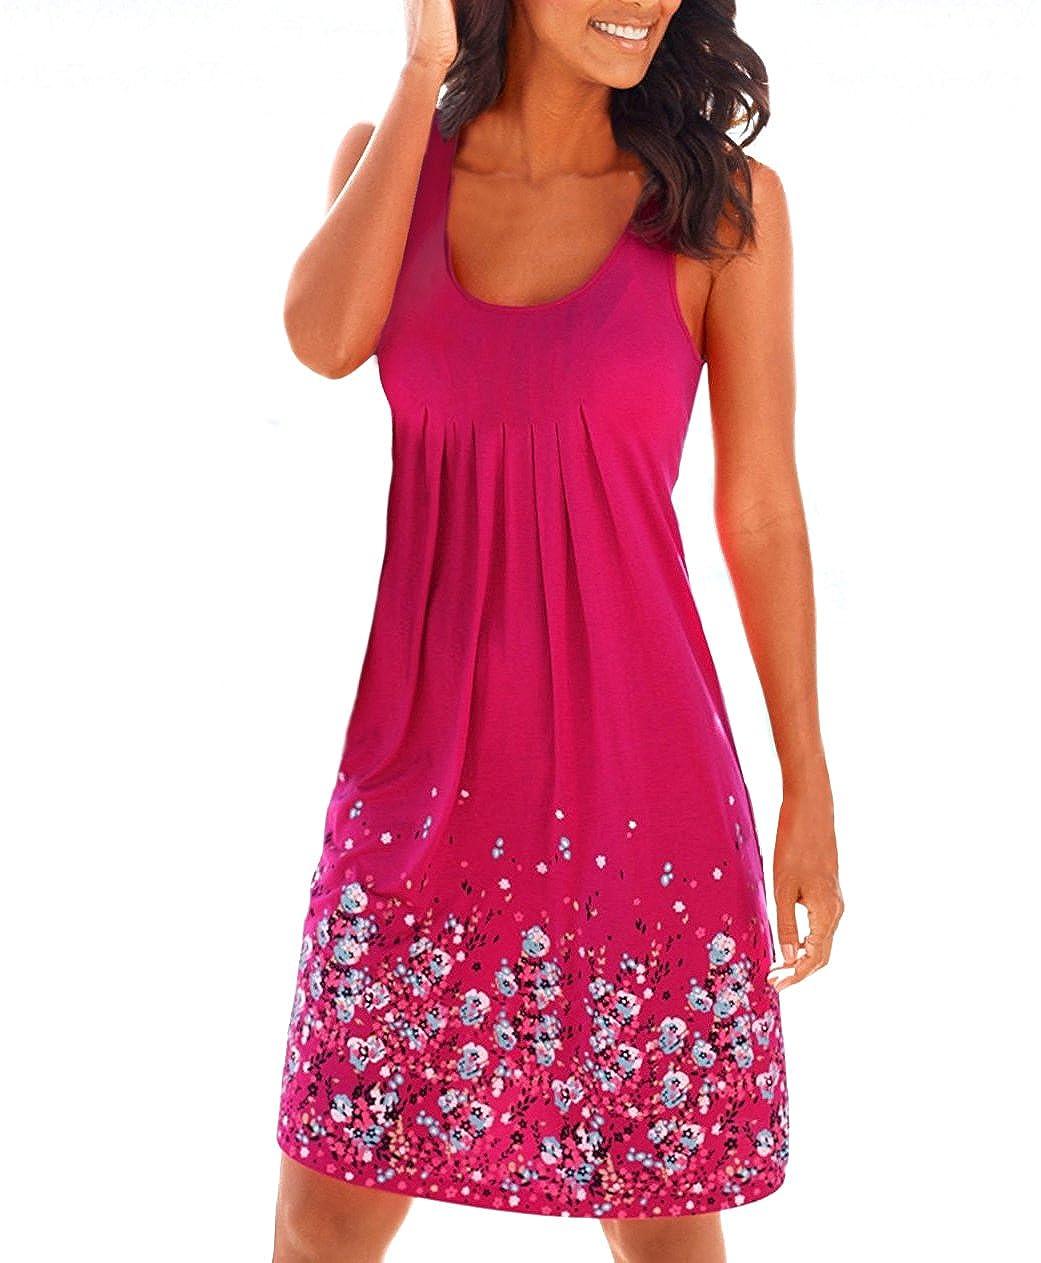 Women's Summer Casual Loose Mini Print Sleeveless Sundress A-Line Beach Dress Yidarton